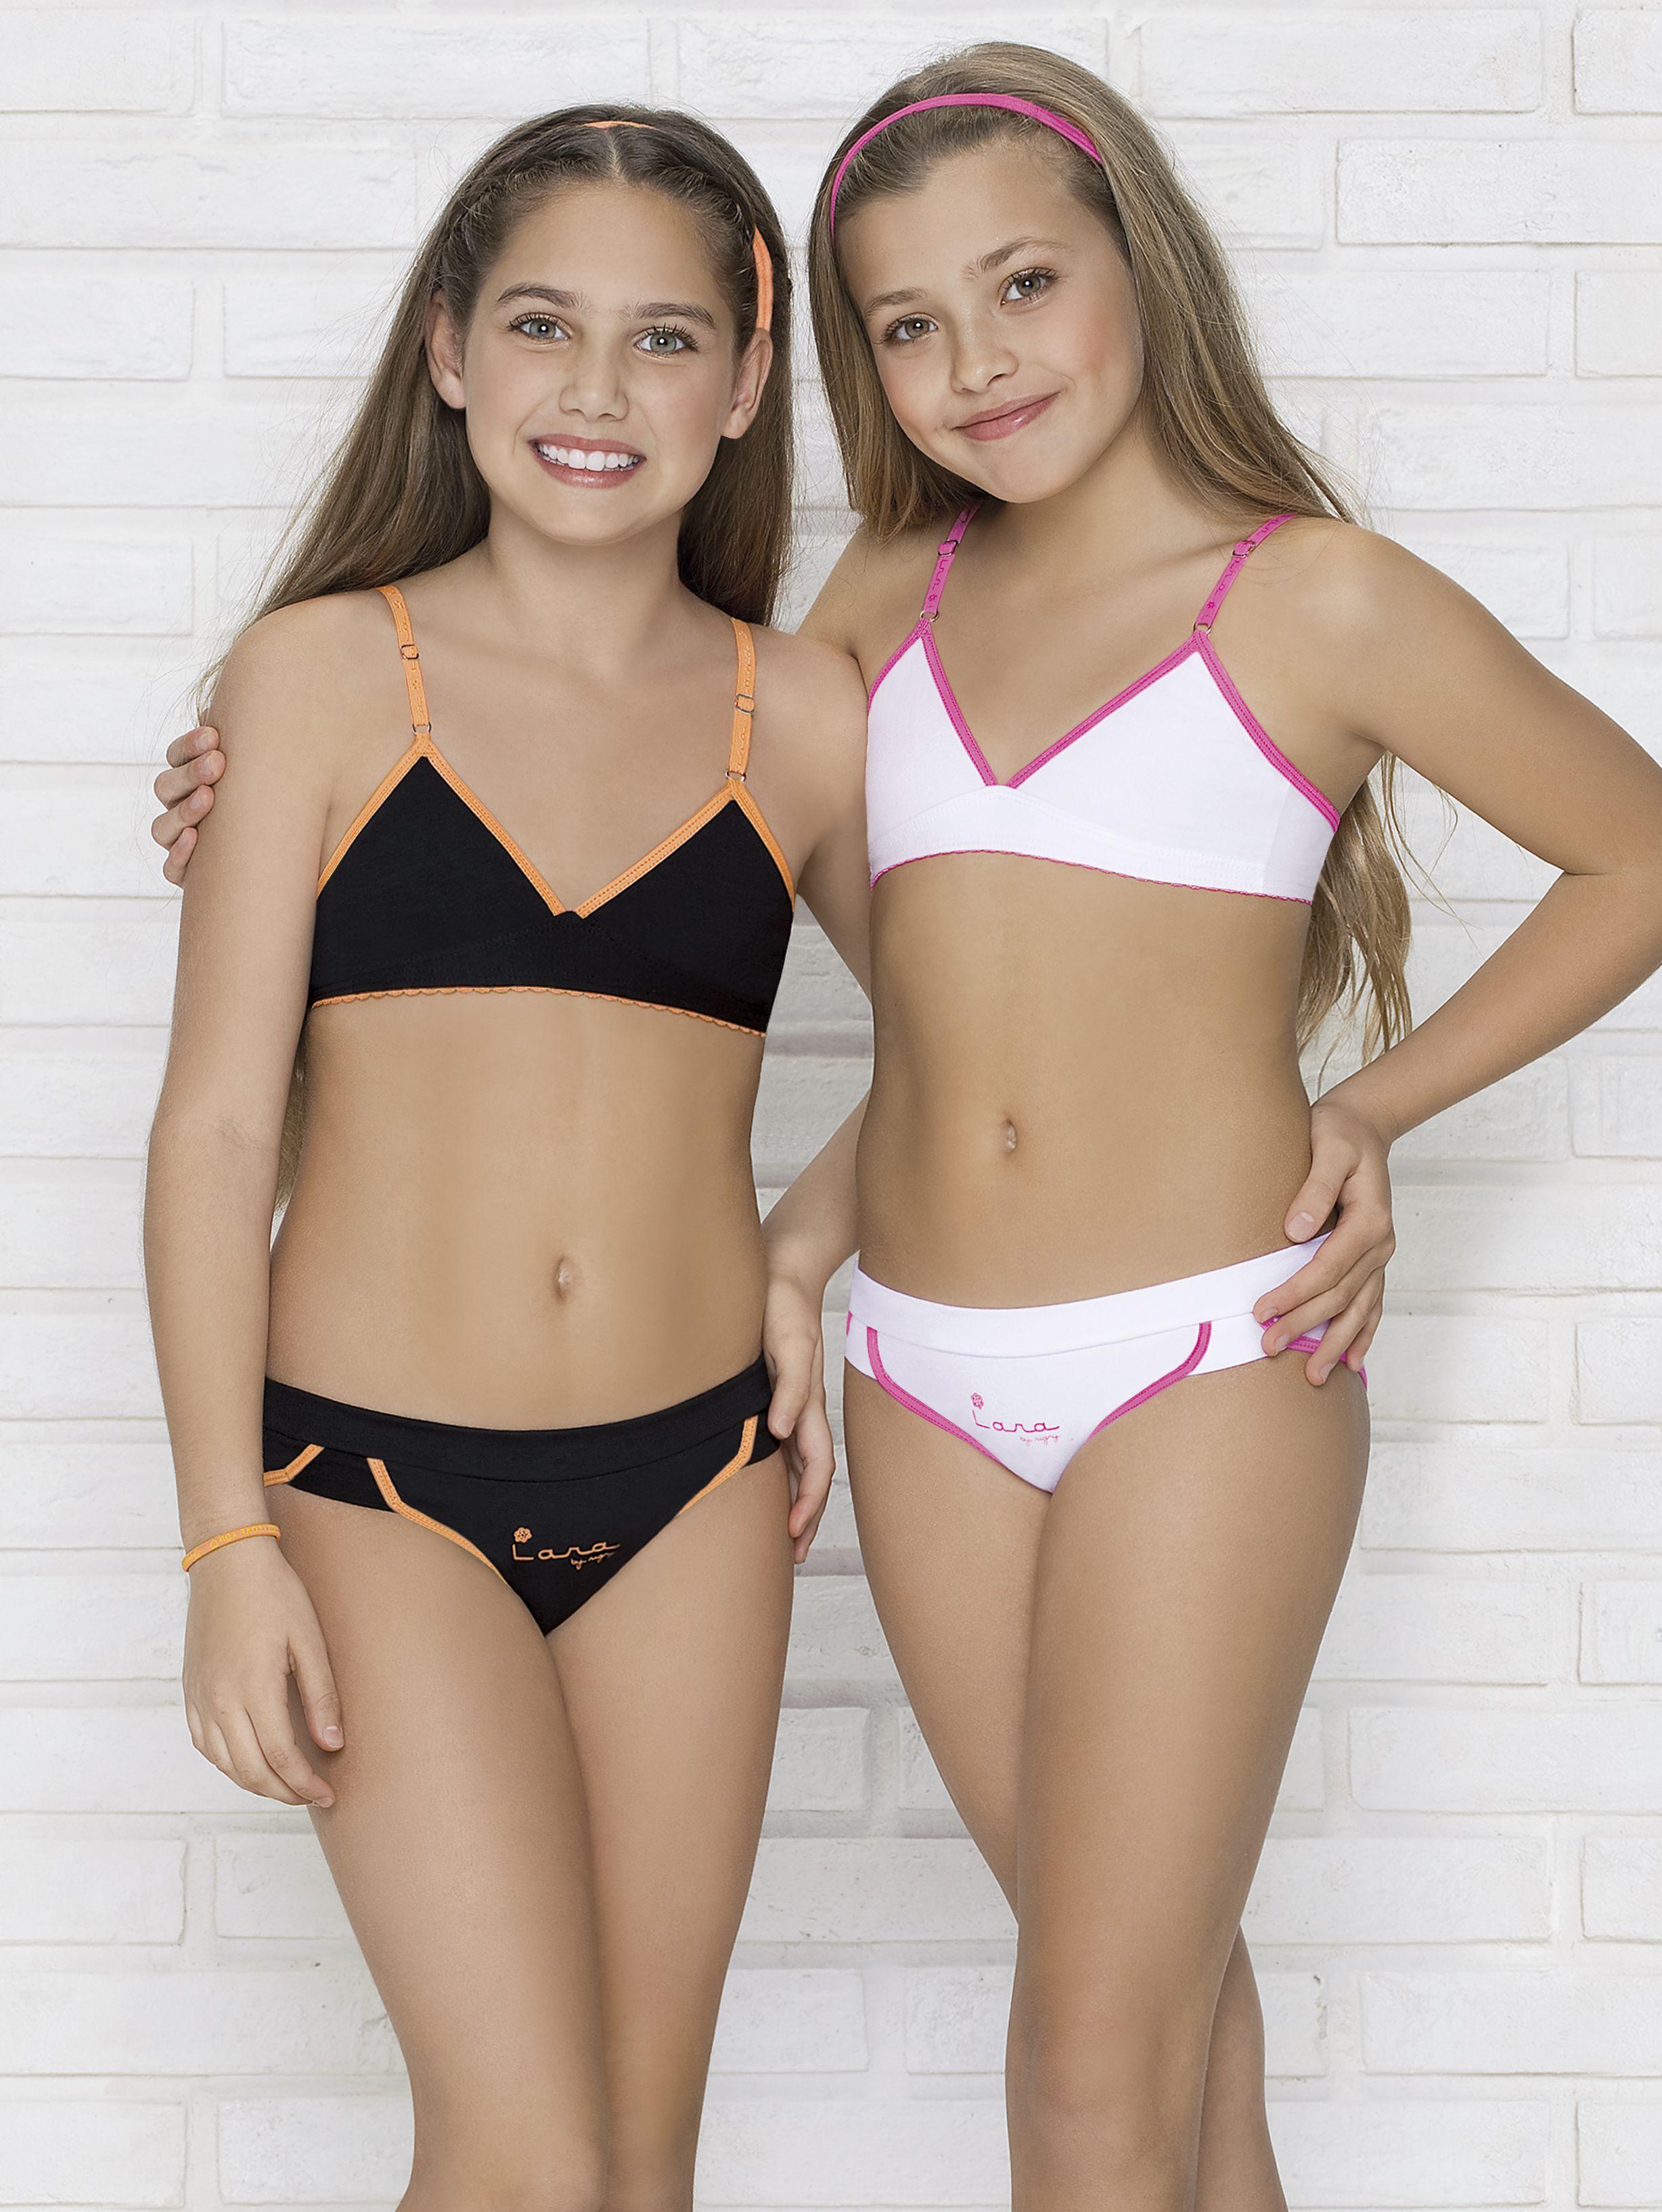 Teen-Modells - Ssse geile Teenies - Mdchen Nacktbilder